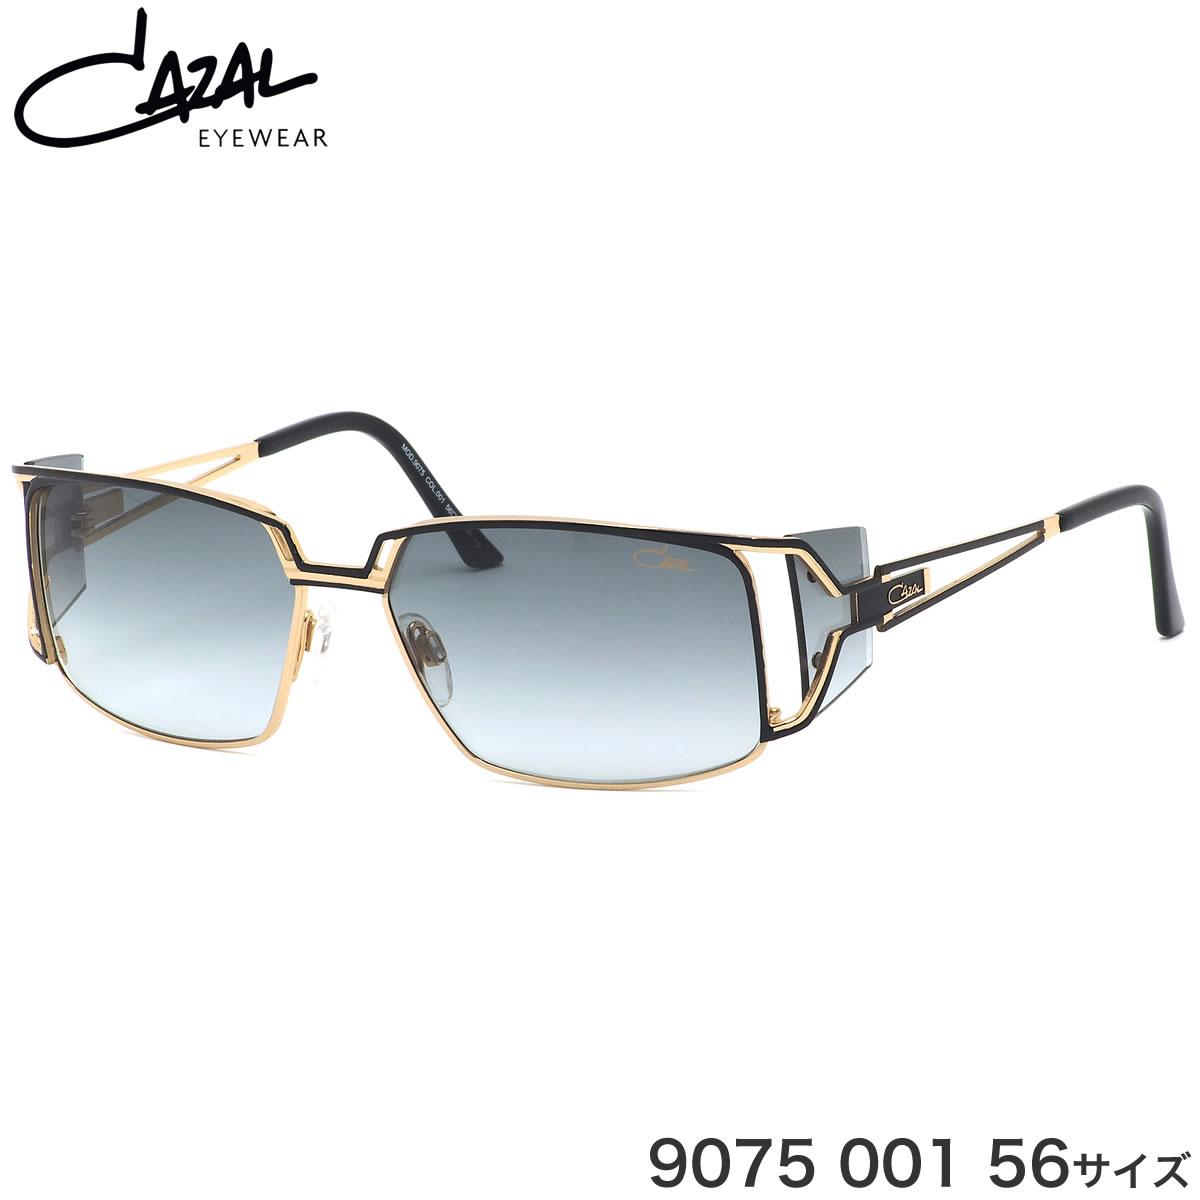 カザール CAZAL サングラス 9075 001 56サイズ レギュラーコレクション 4枚レンズ made in Germany ドイツ製 メンズ レディースモデル